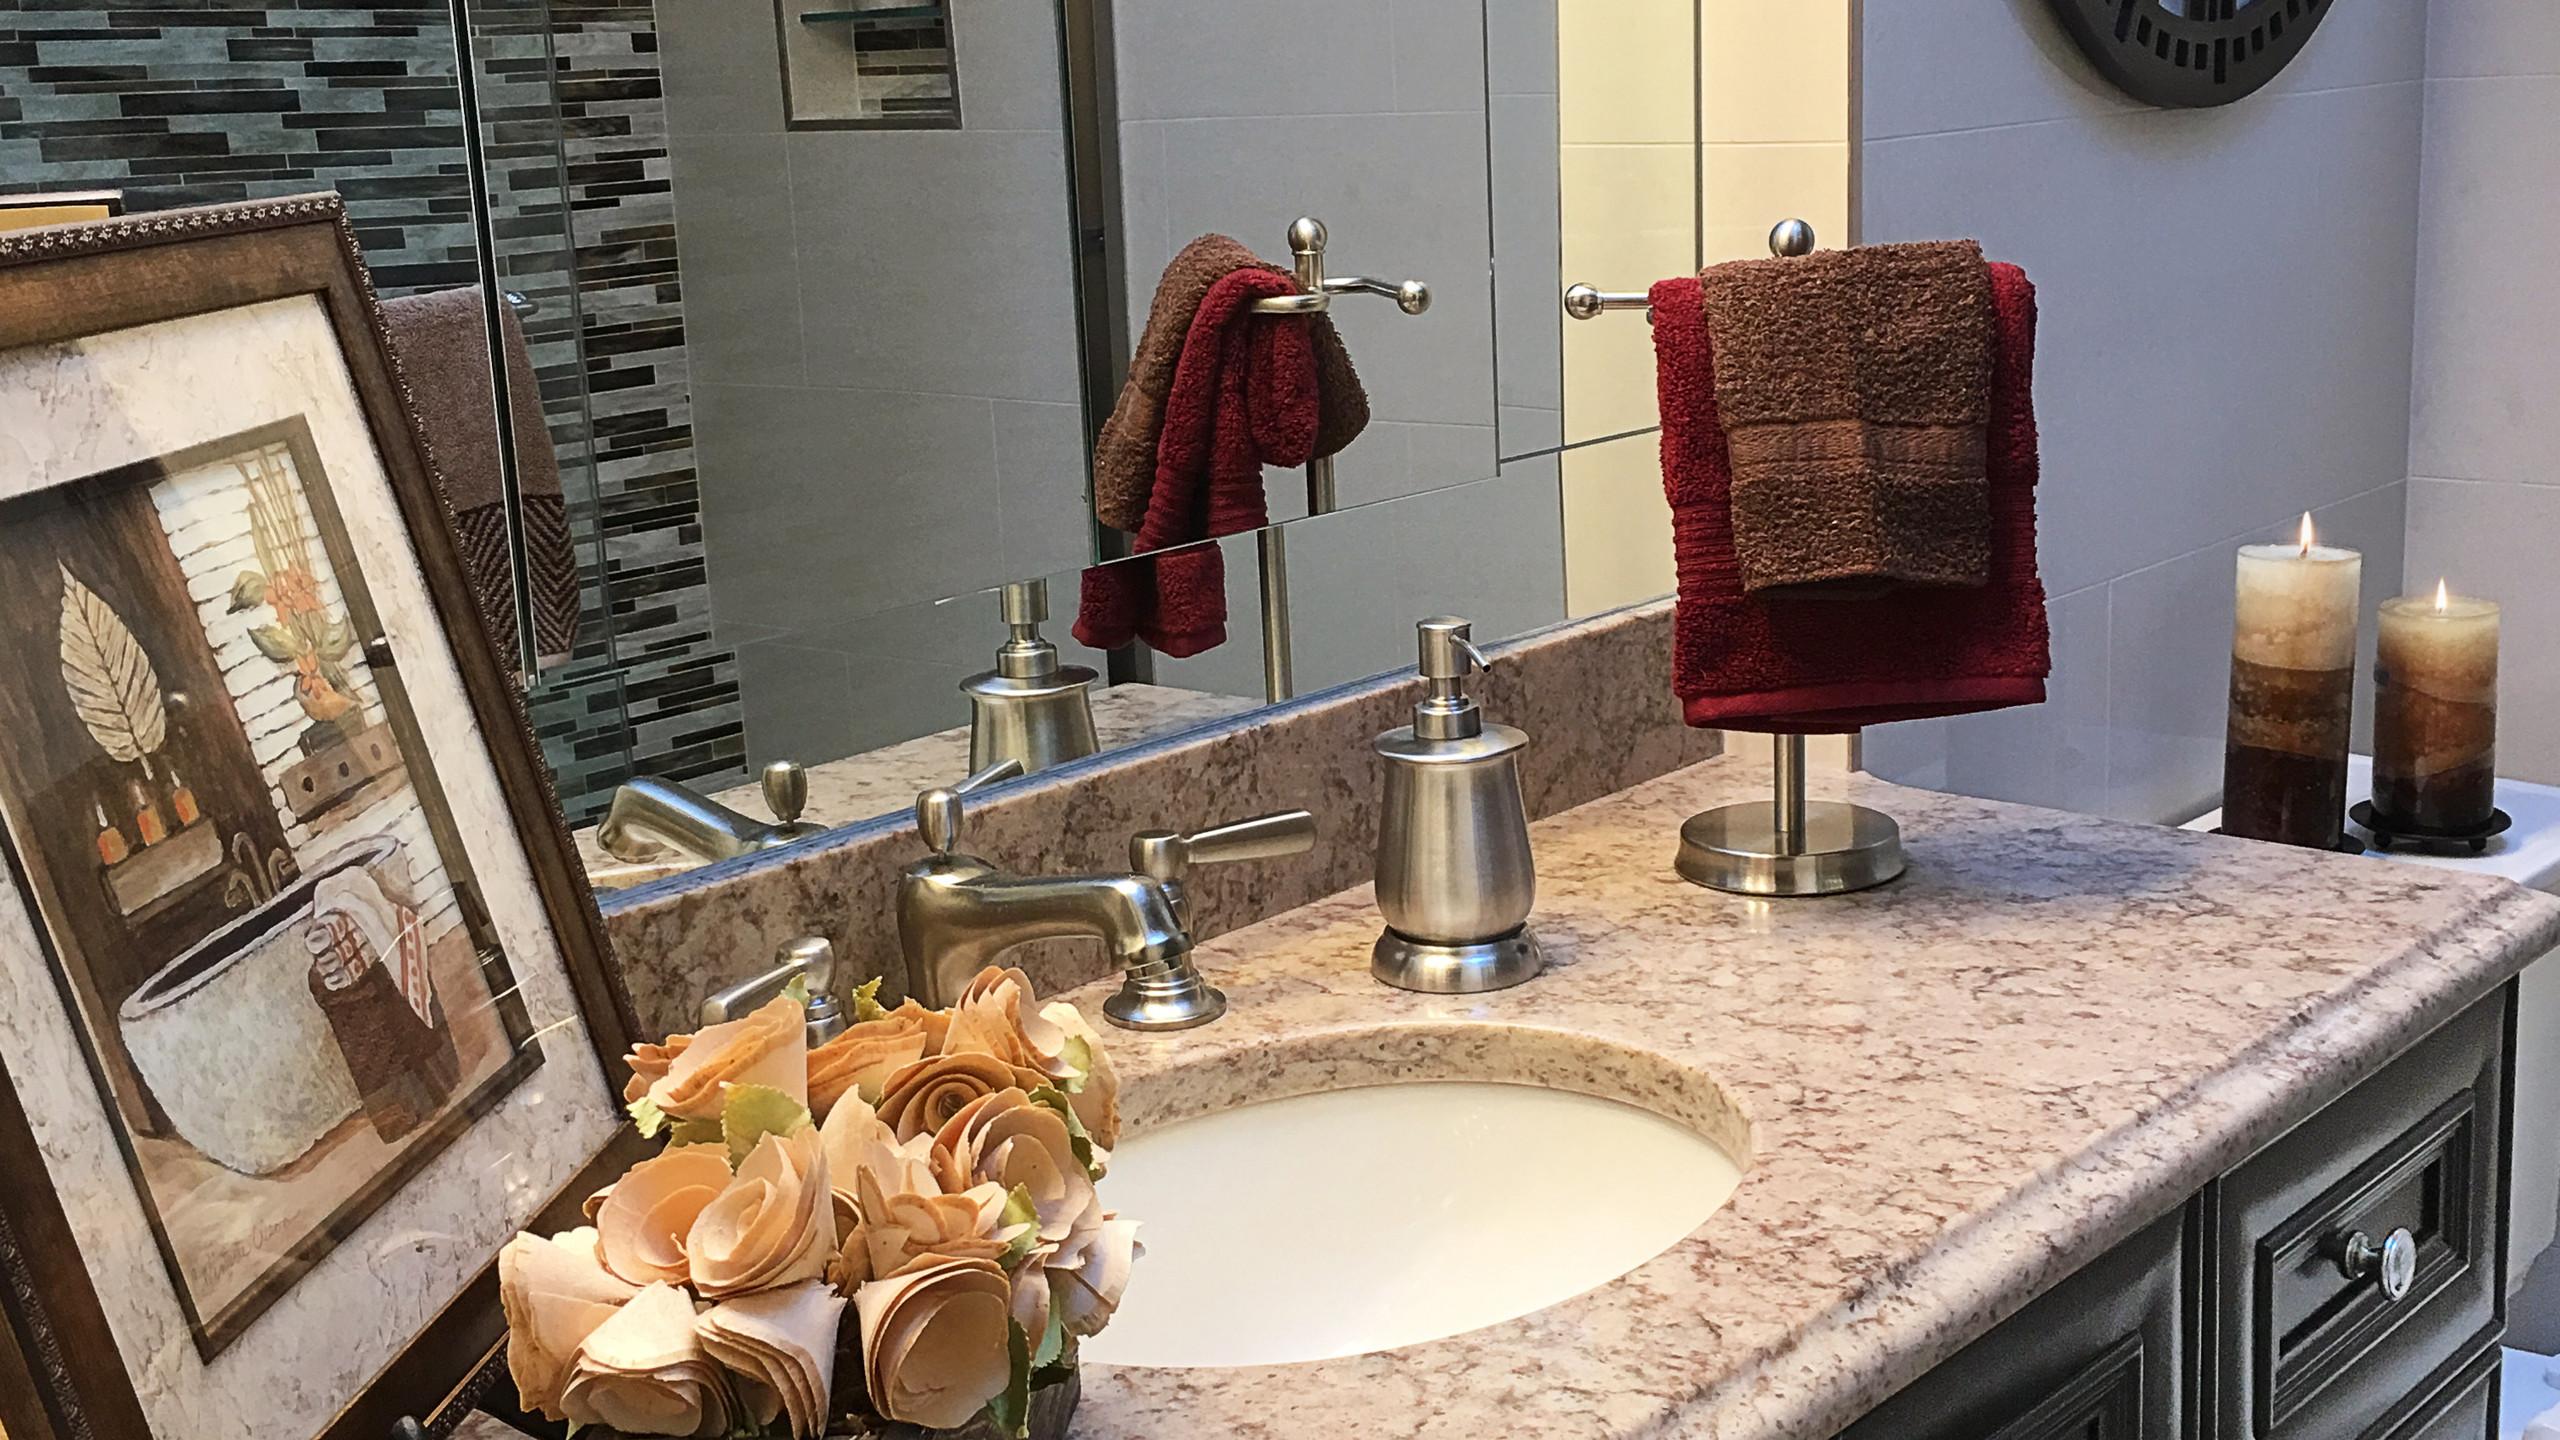 KUSHNIK BATHROOM